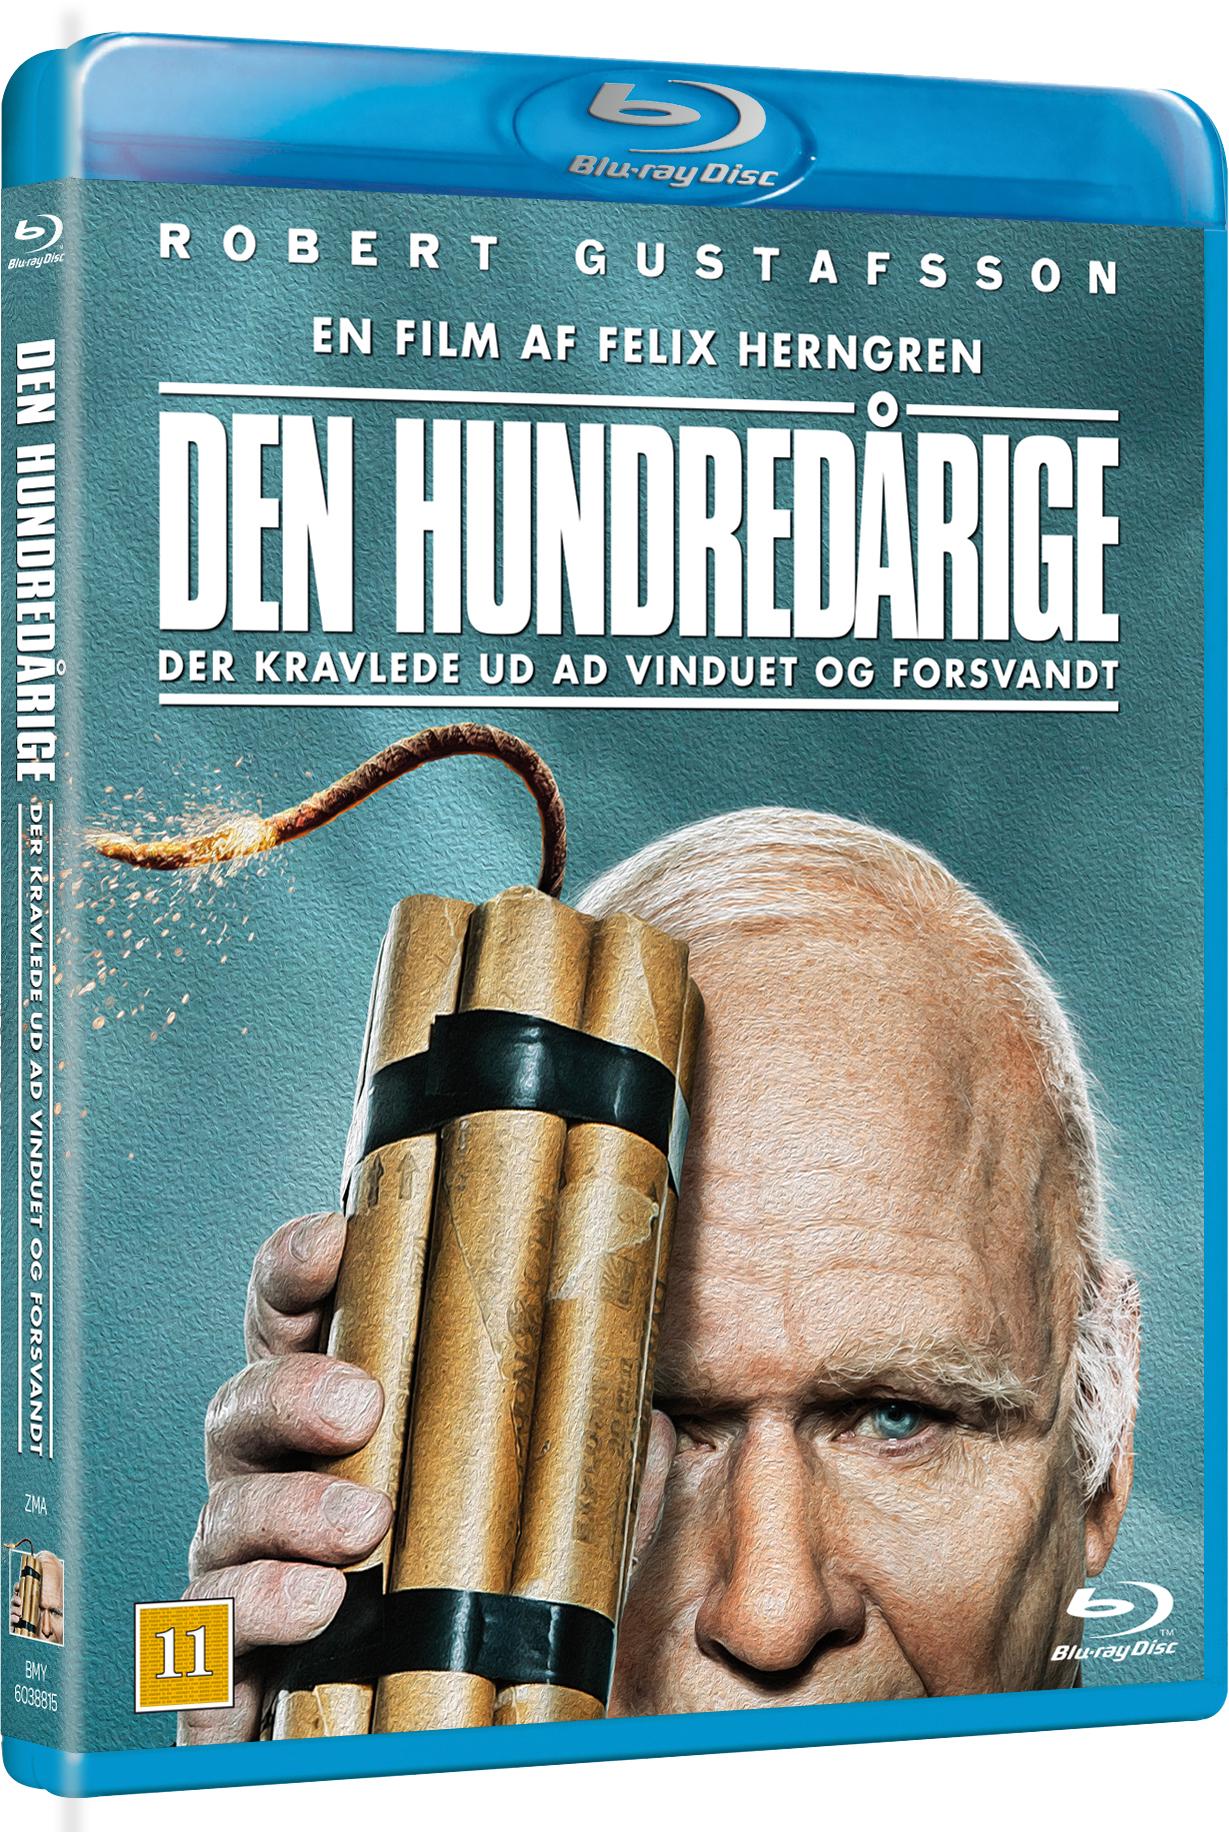 Anmeldelse: Den hundredårige (Blu-ray)   eReviews.dk